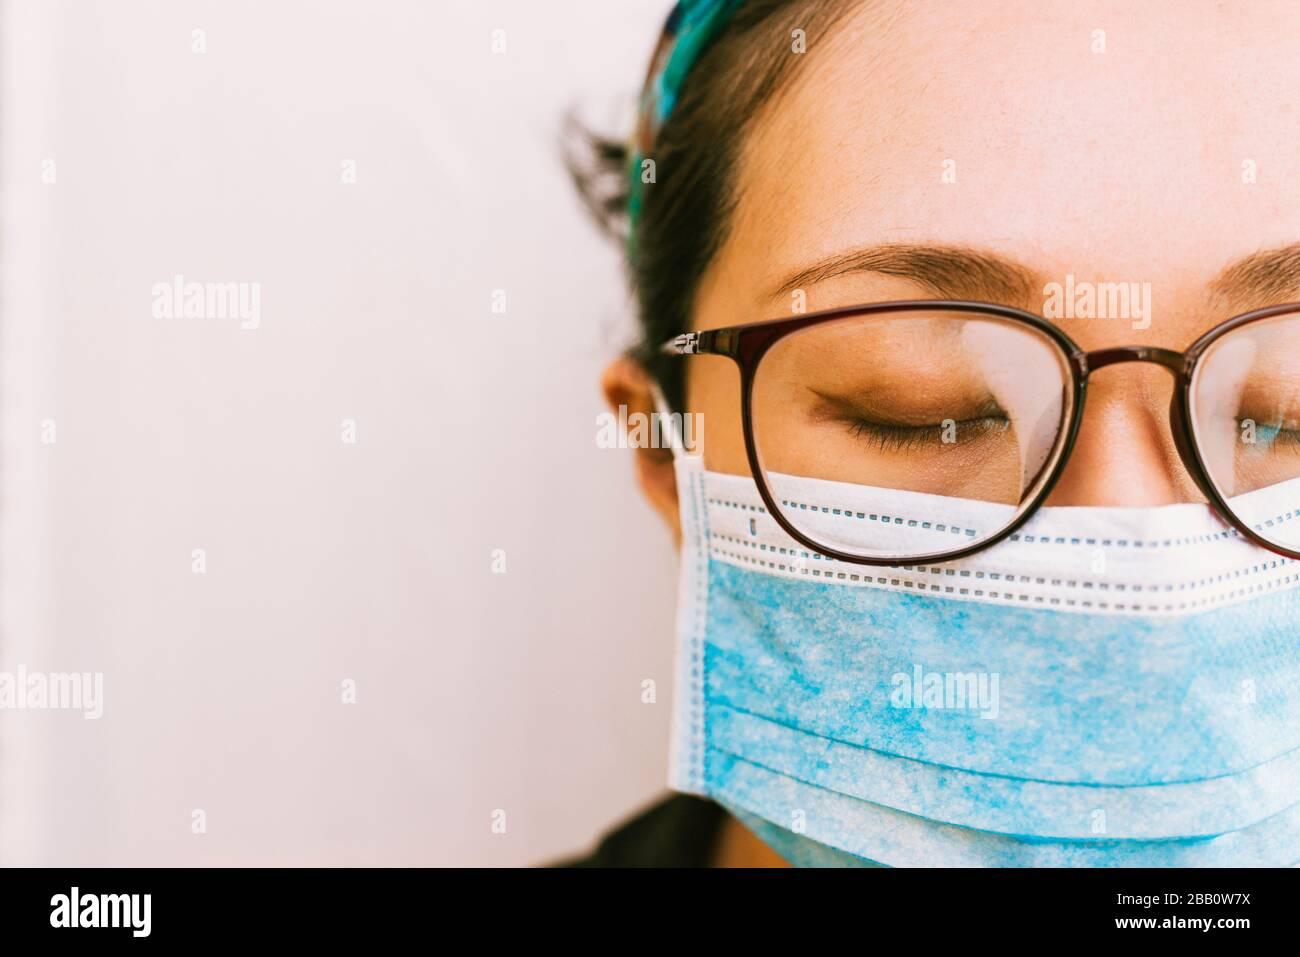 tema de coronavirus. Mujer asiática con gafas que usan una máscara para protegerse de infectarse Foto de stock